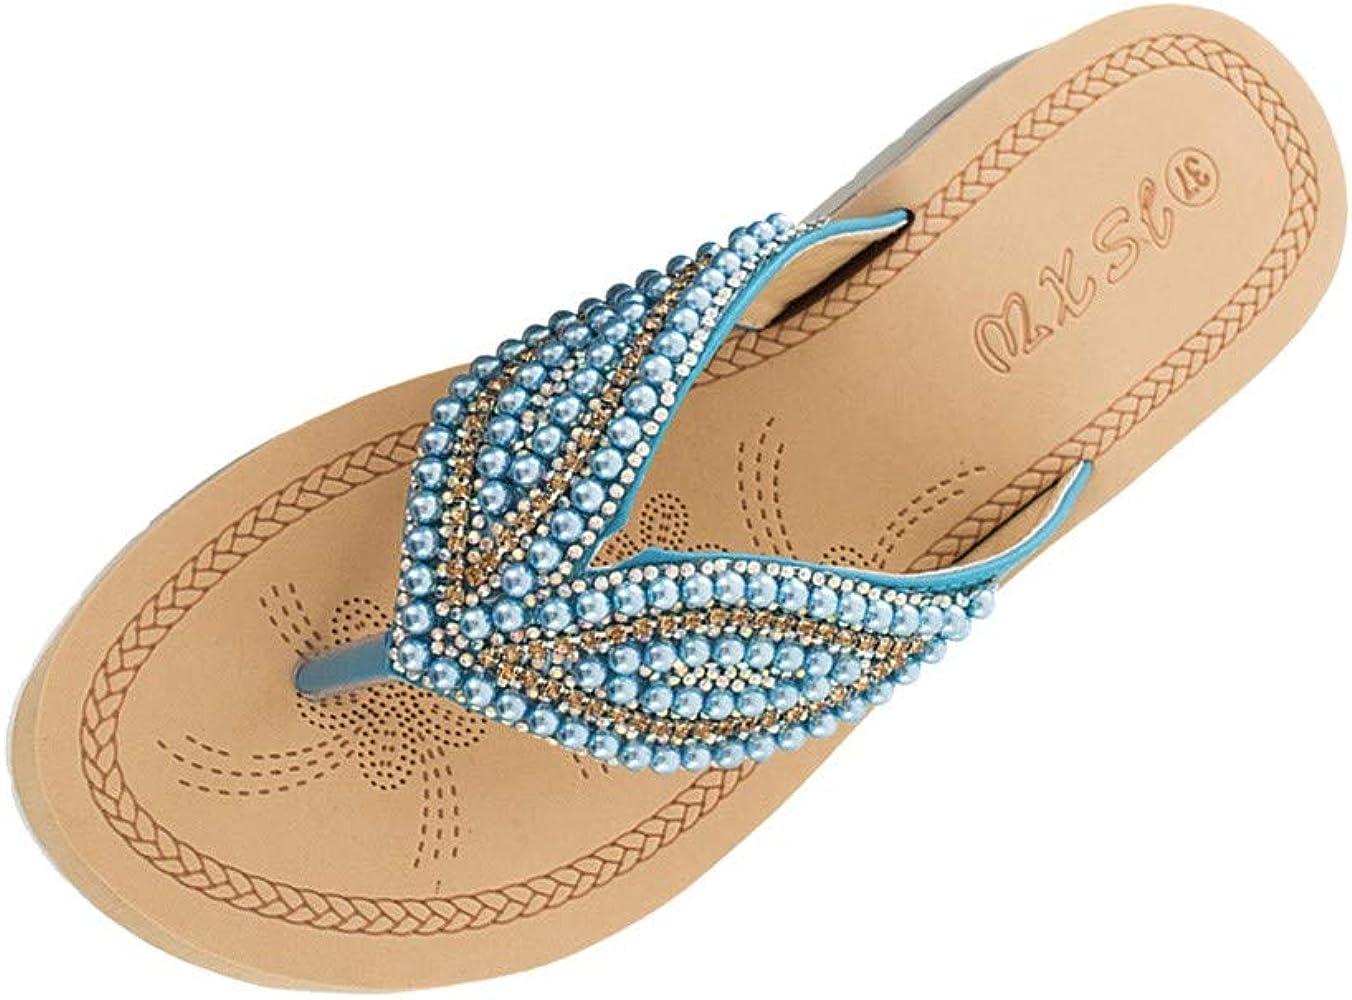 Hausschuhe Damen Bohemia Strass Zehentrenner Sandalen Sommer Flip Flops Slipper Flach Urlaub rutschfest Sommerschuhe Sandaletten Schuhe Bequeme